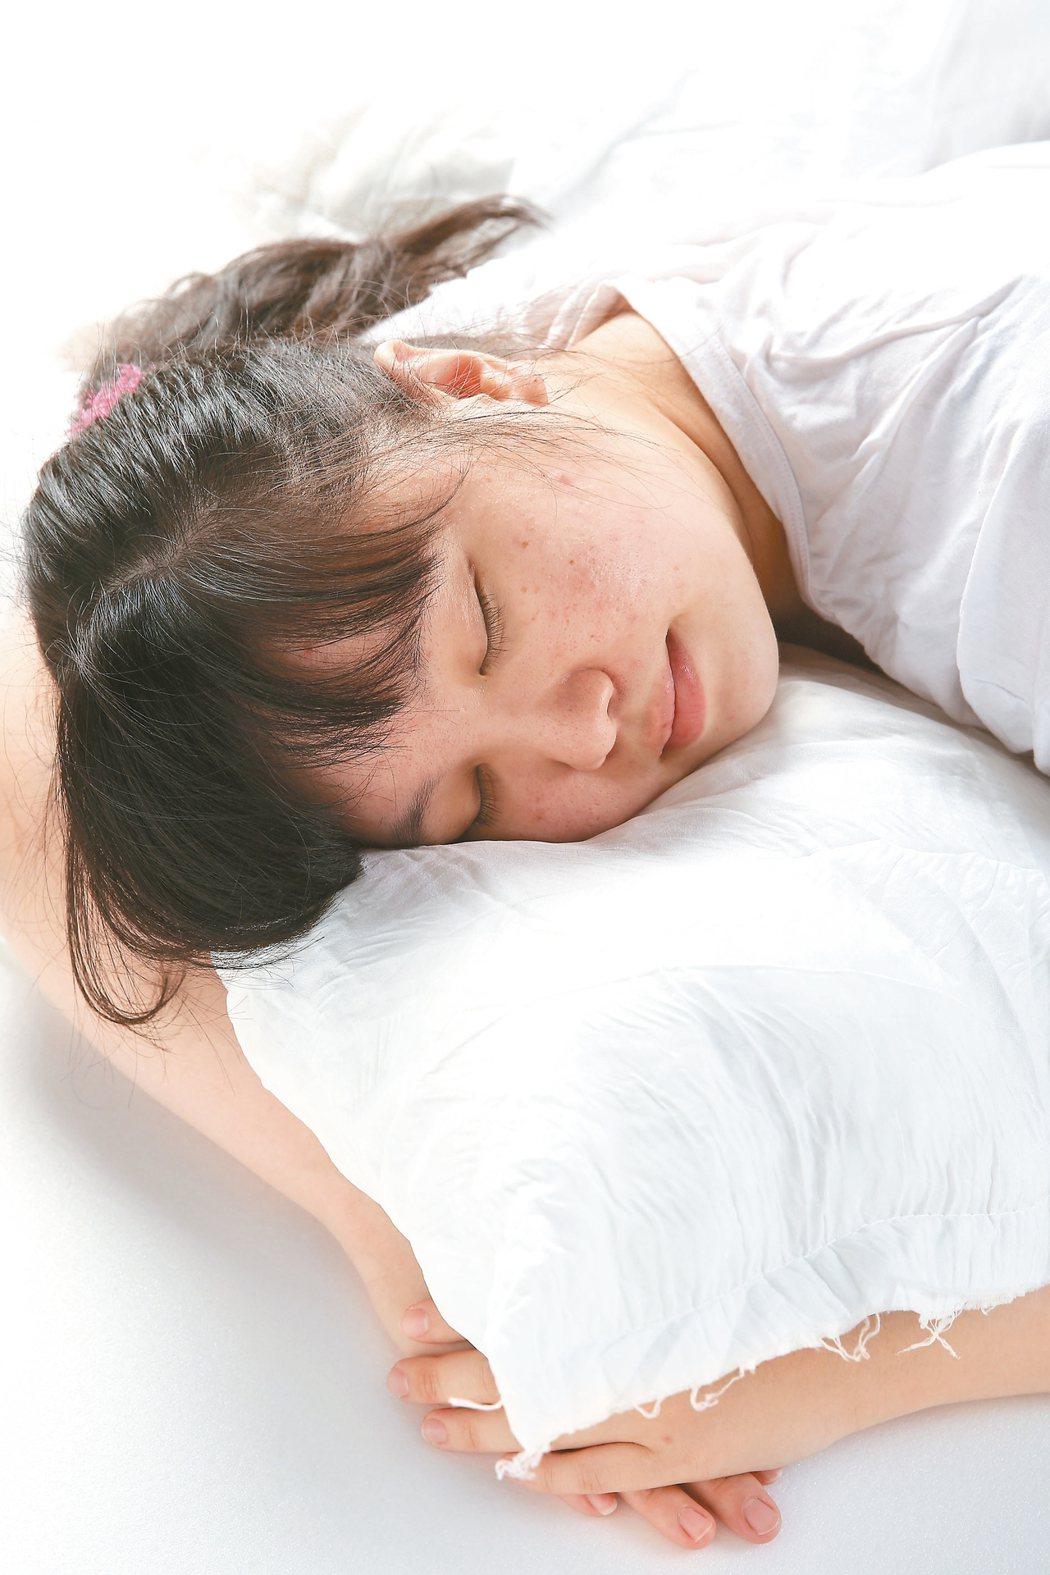 睡不好也容易掉髮。65歲的阿琴姨,平時睡眠不深,一點小聲音,就容易醒來,近期為嚴...